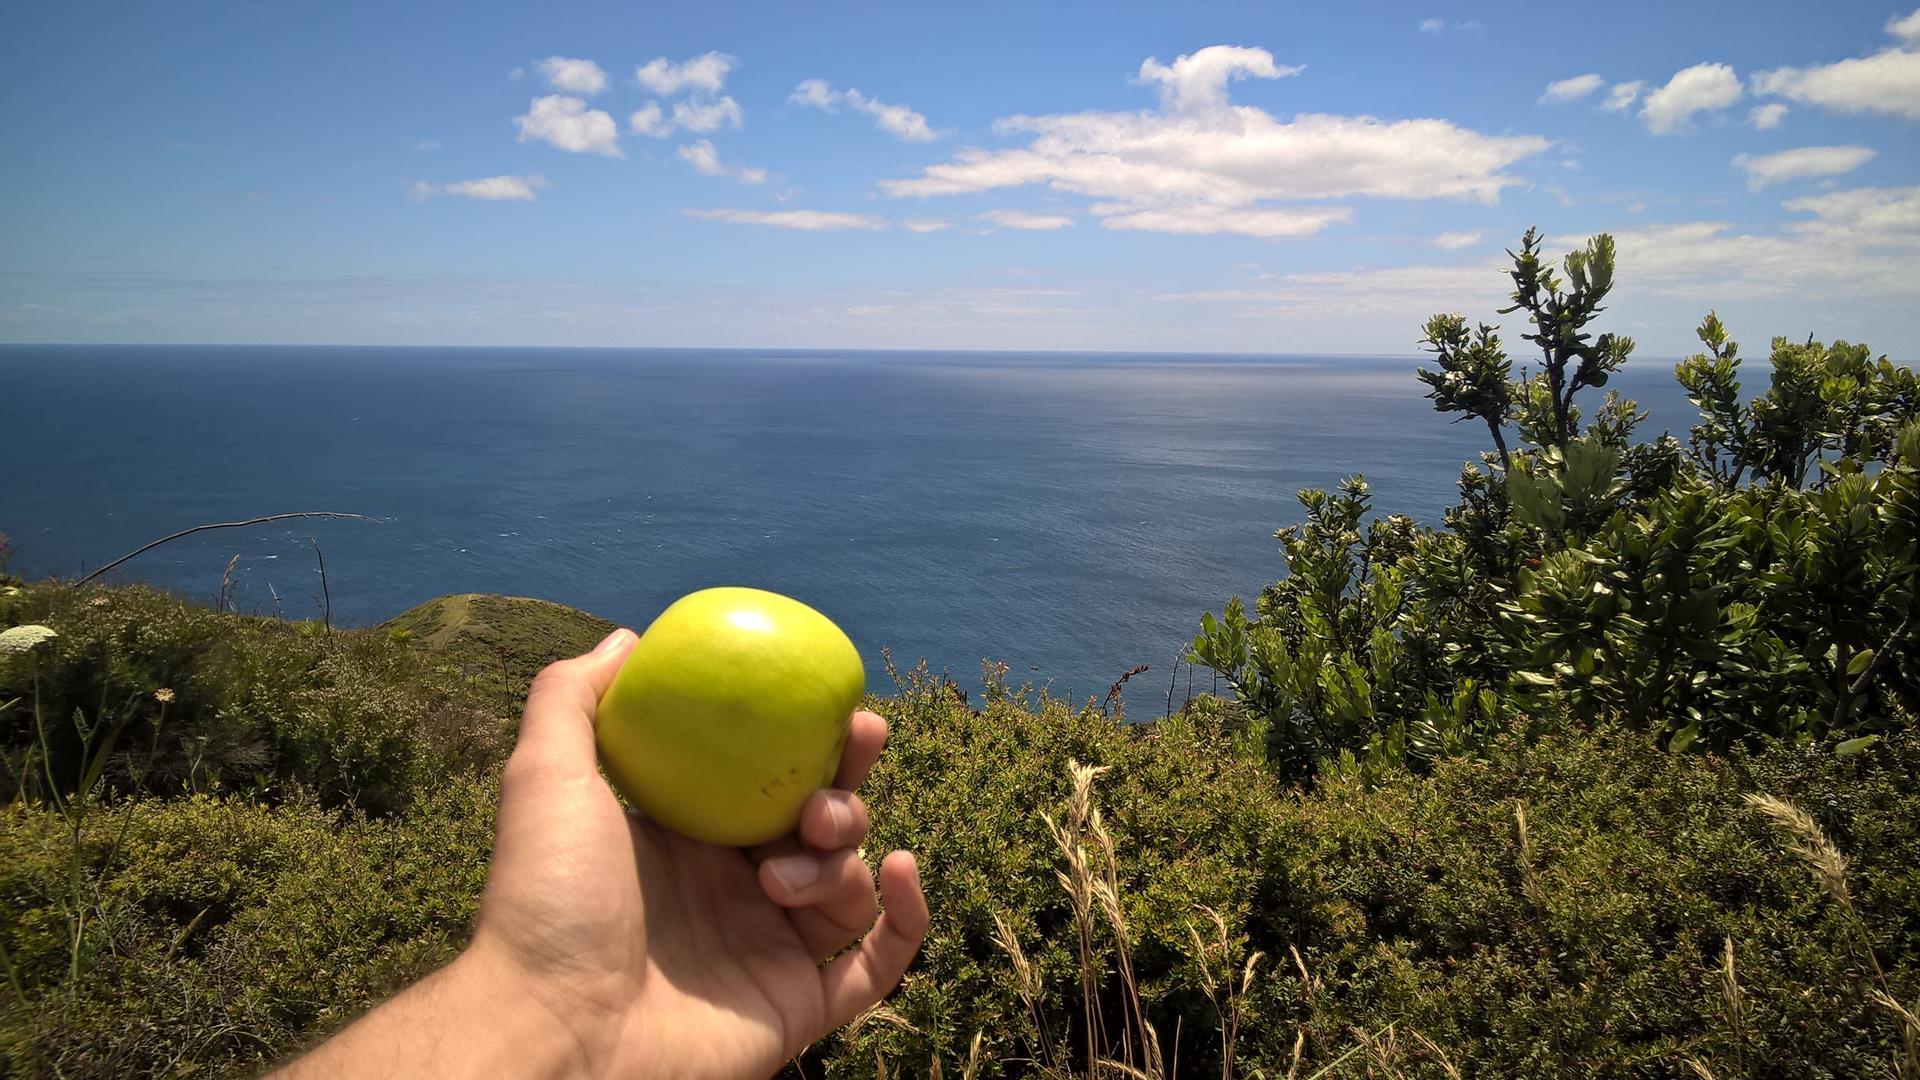 ... zur Mittagspause direkt über dem Meer